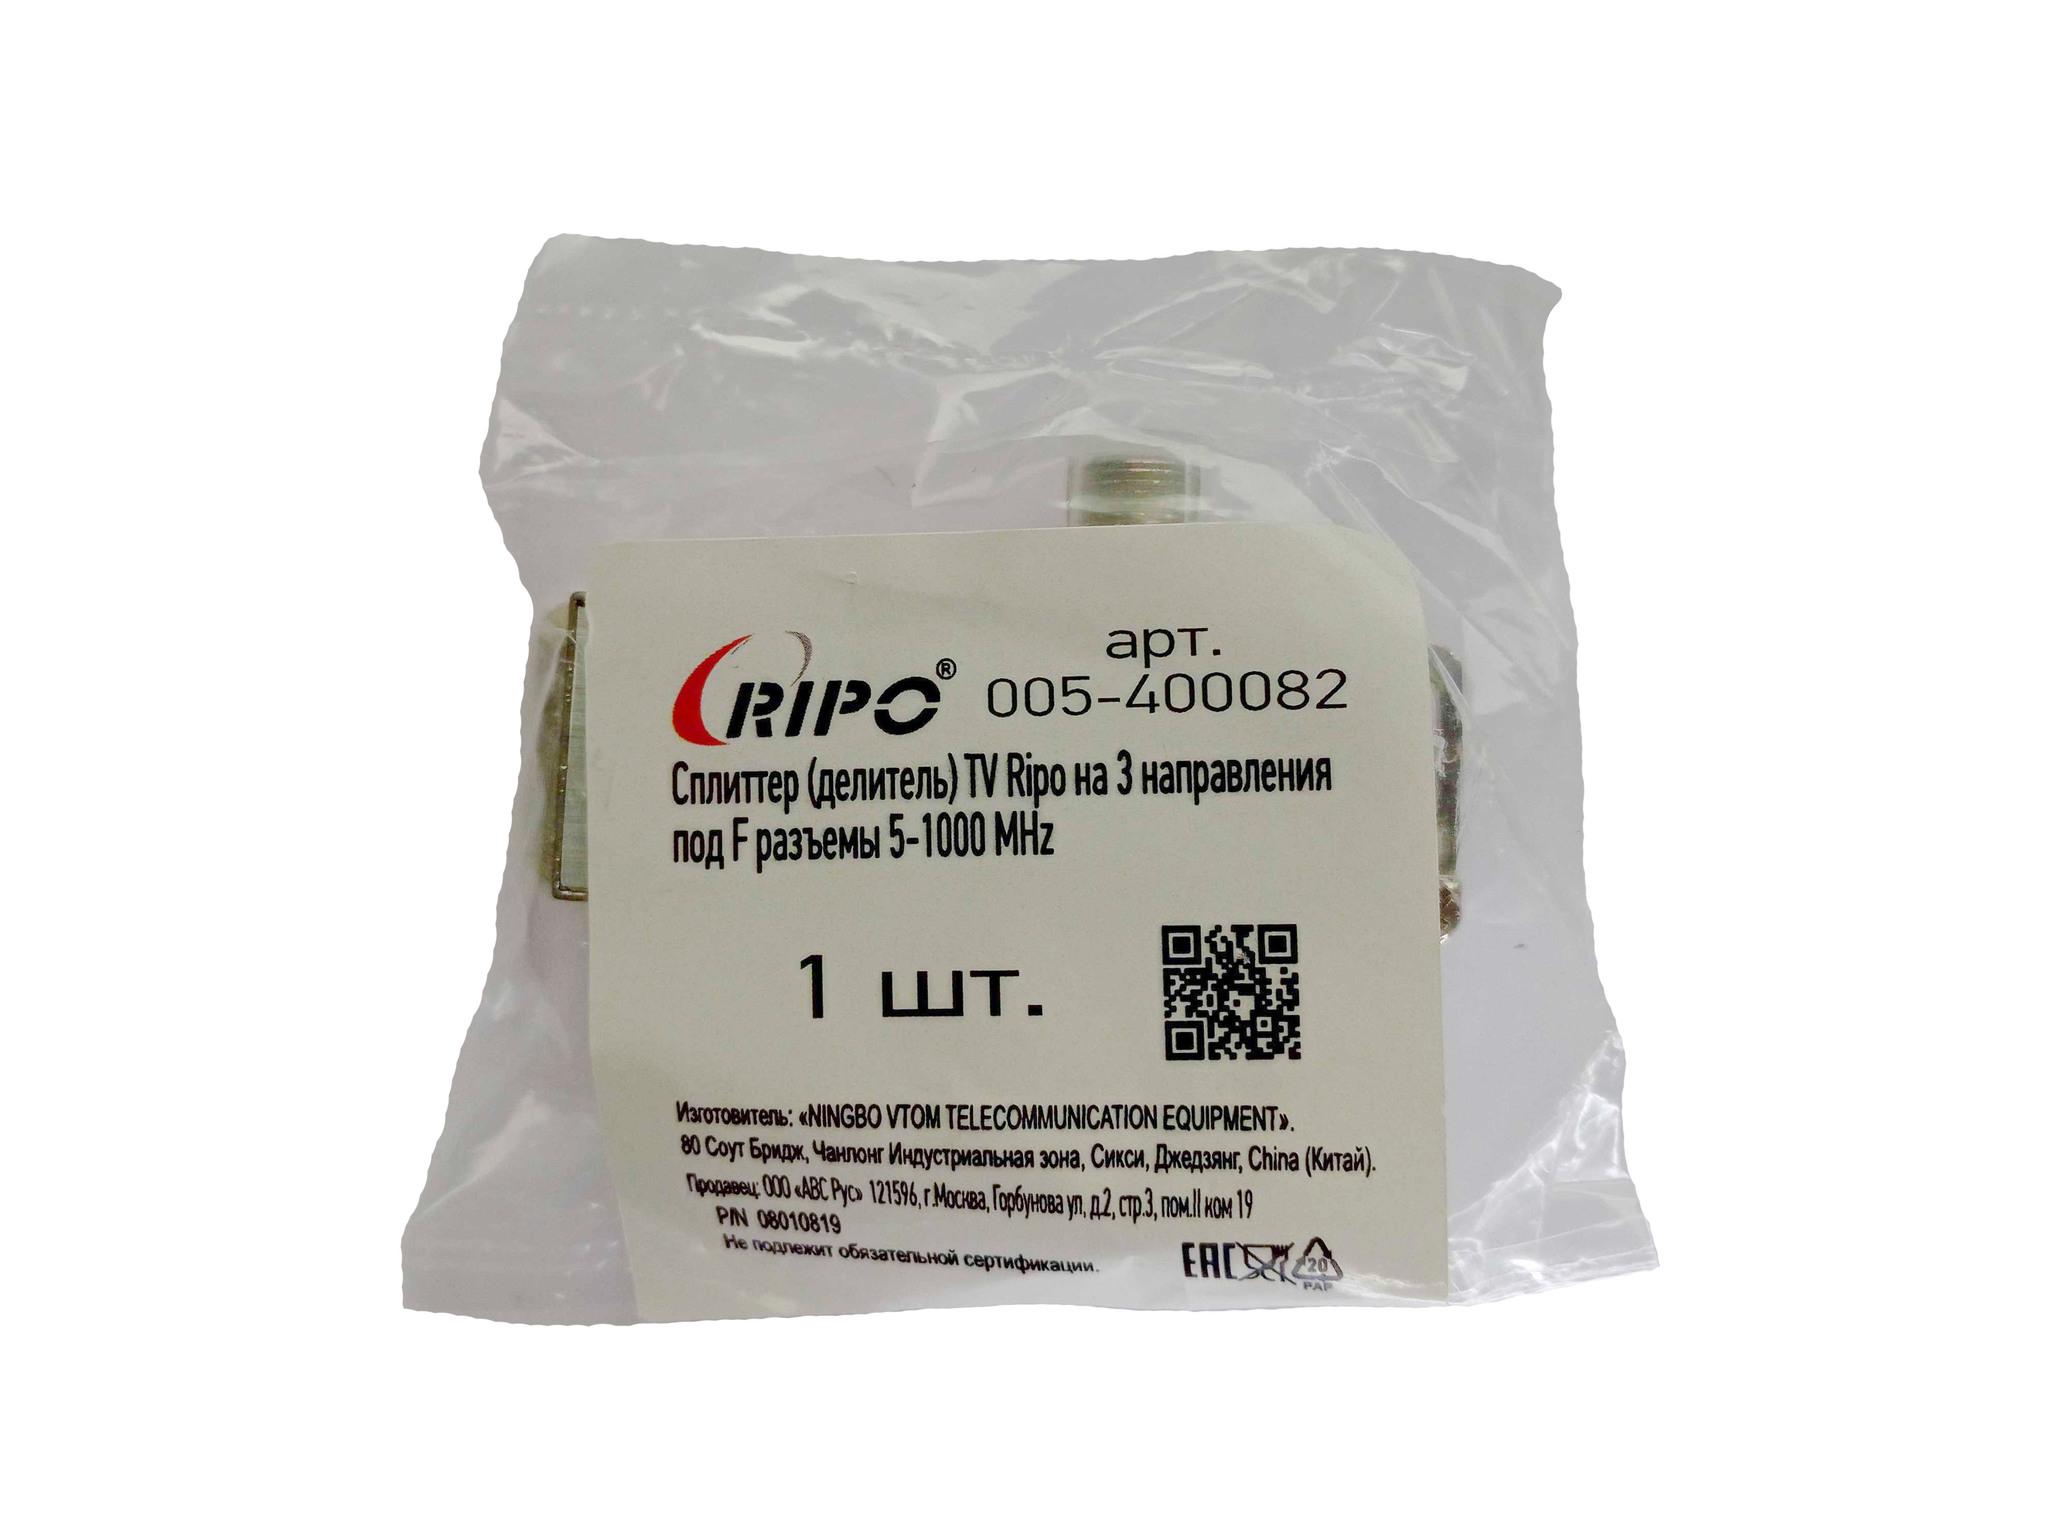 Сплиттер (делитель) TV Ripo на 3 направления под F разъемы 5-1000 МГц купить в интернет-магазине